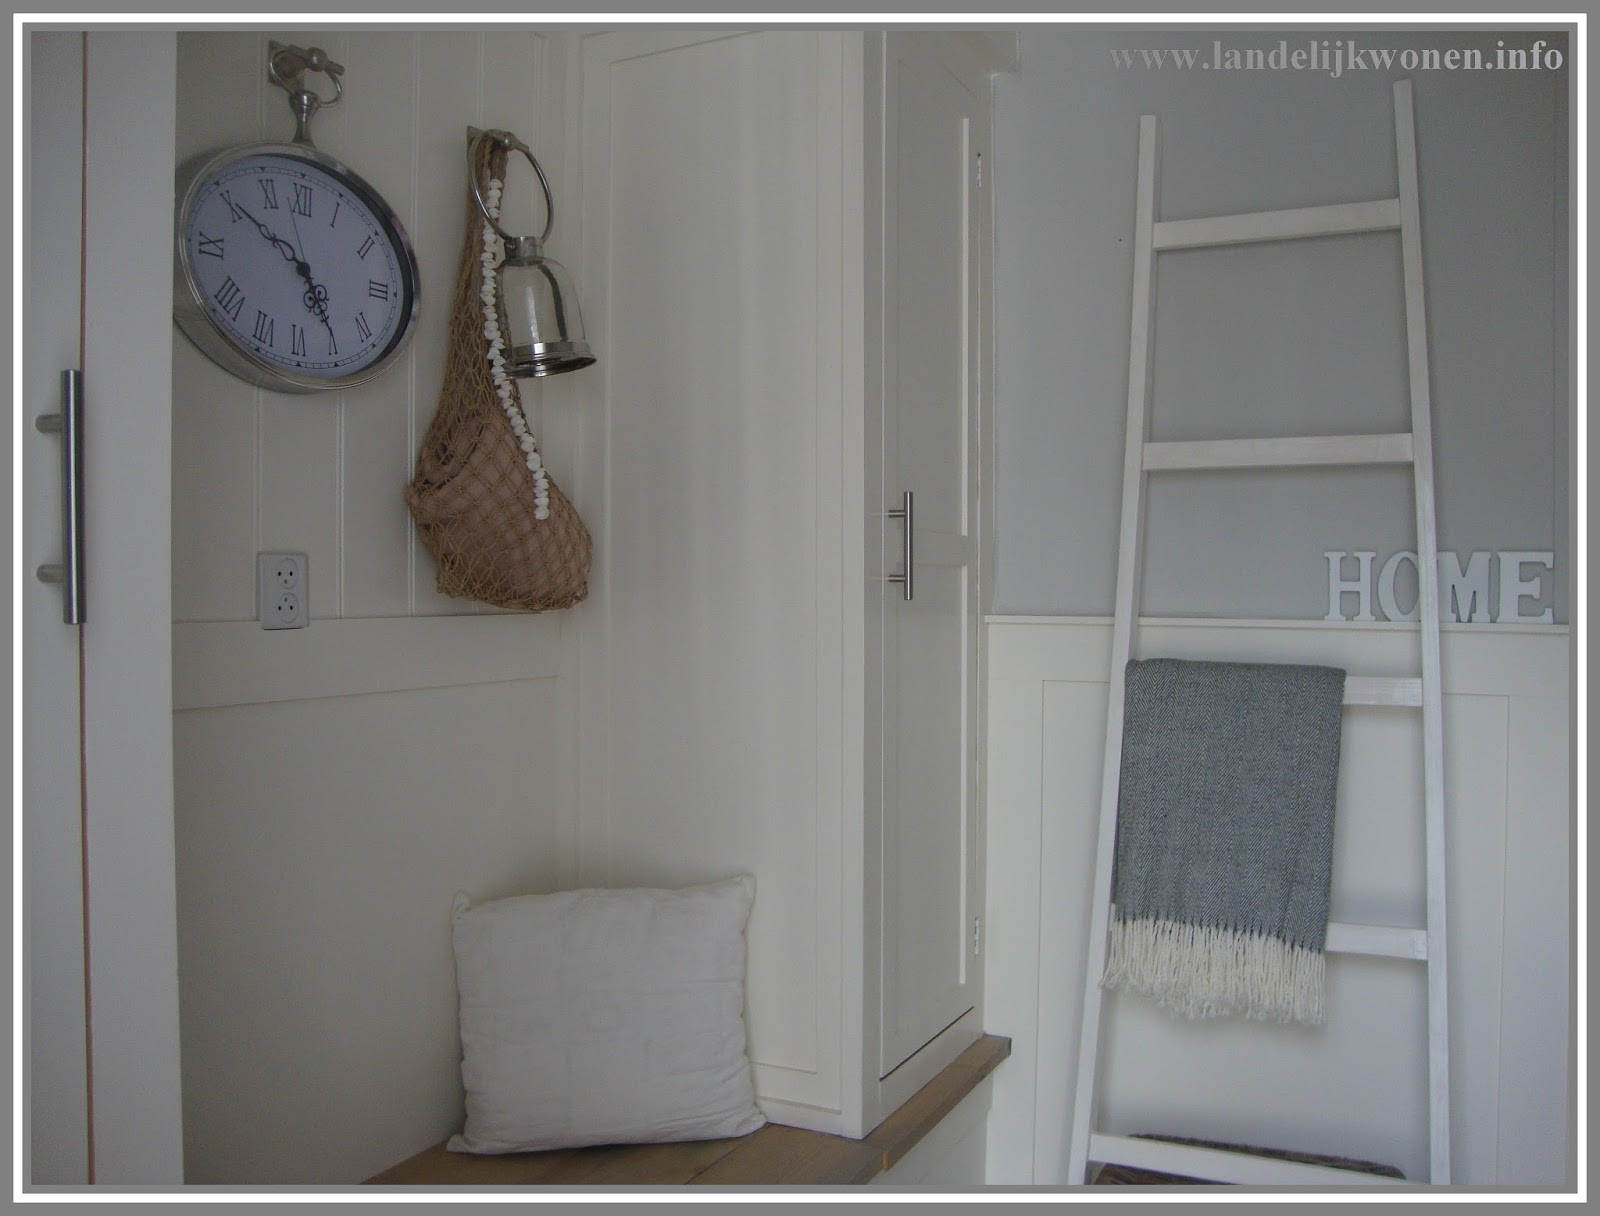 Idee slaapkamer stoel beste inspiratie voor interieur design en meubels idee n - Slaapkamer idee ...